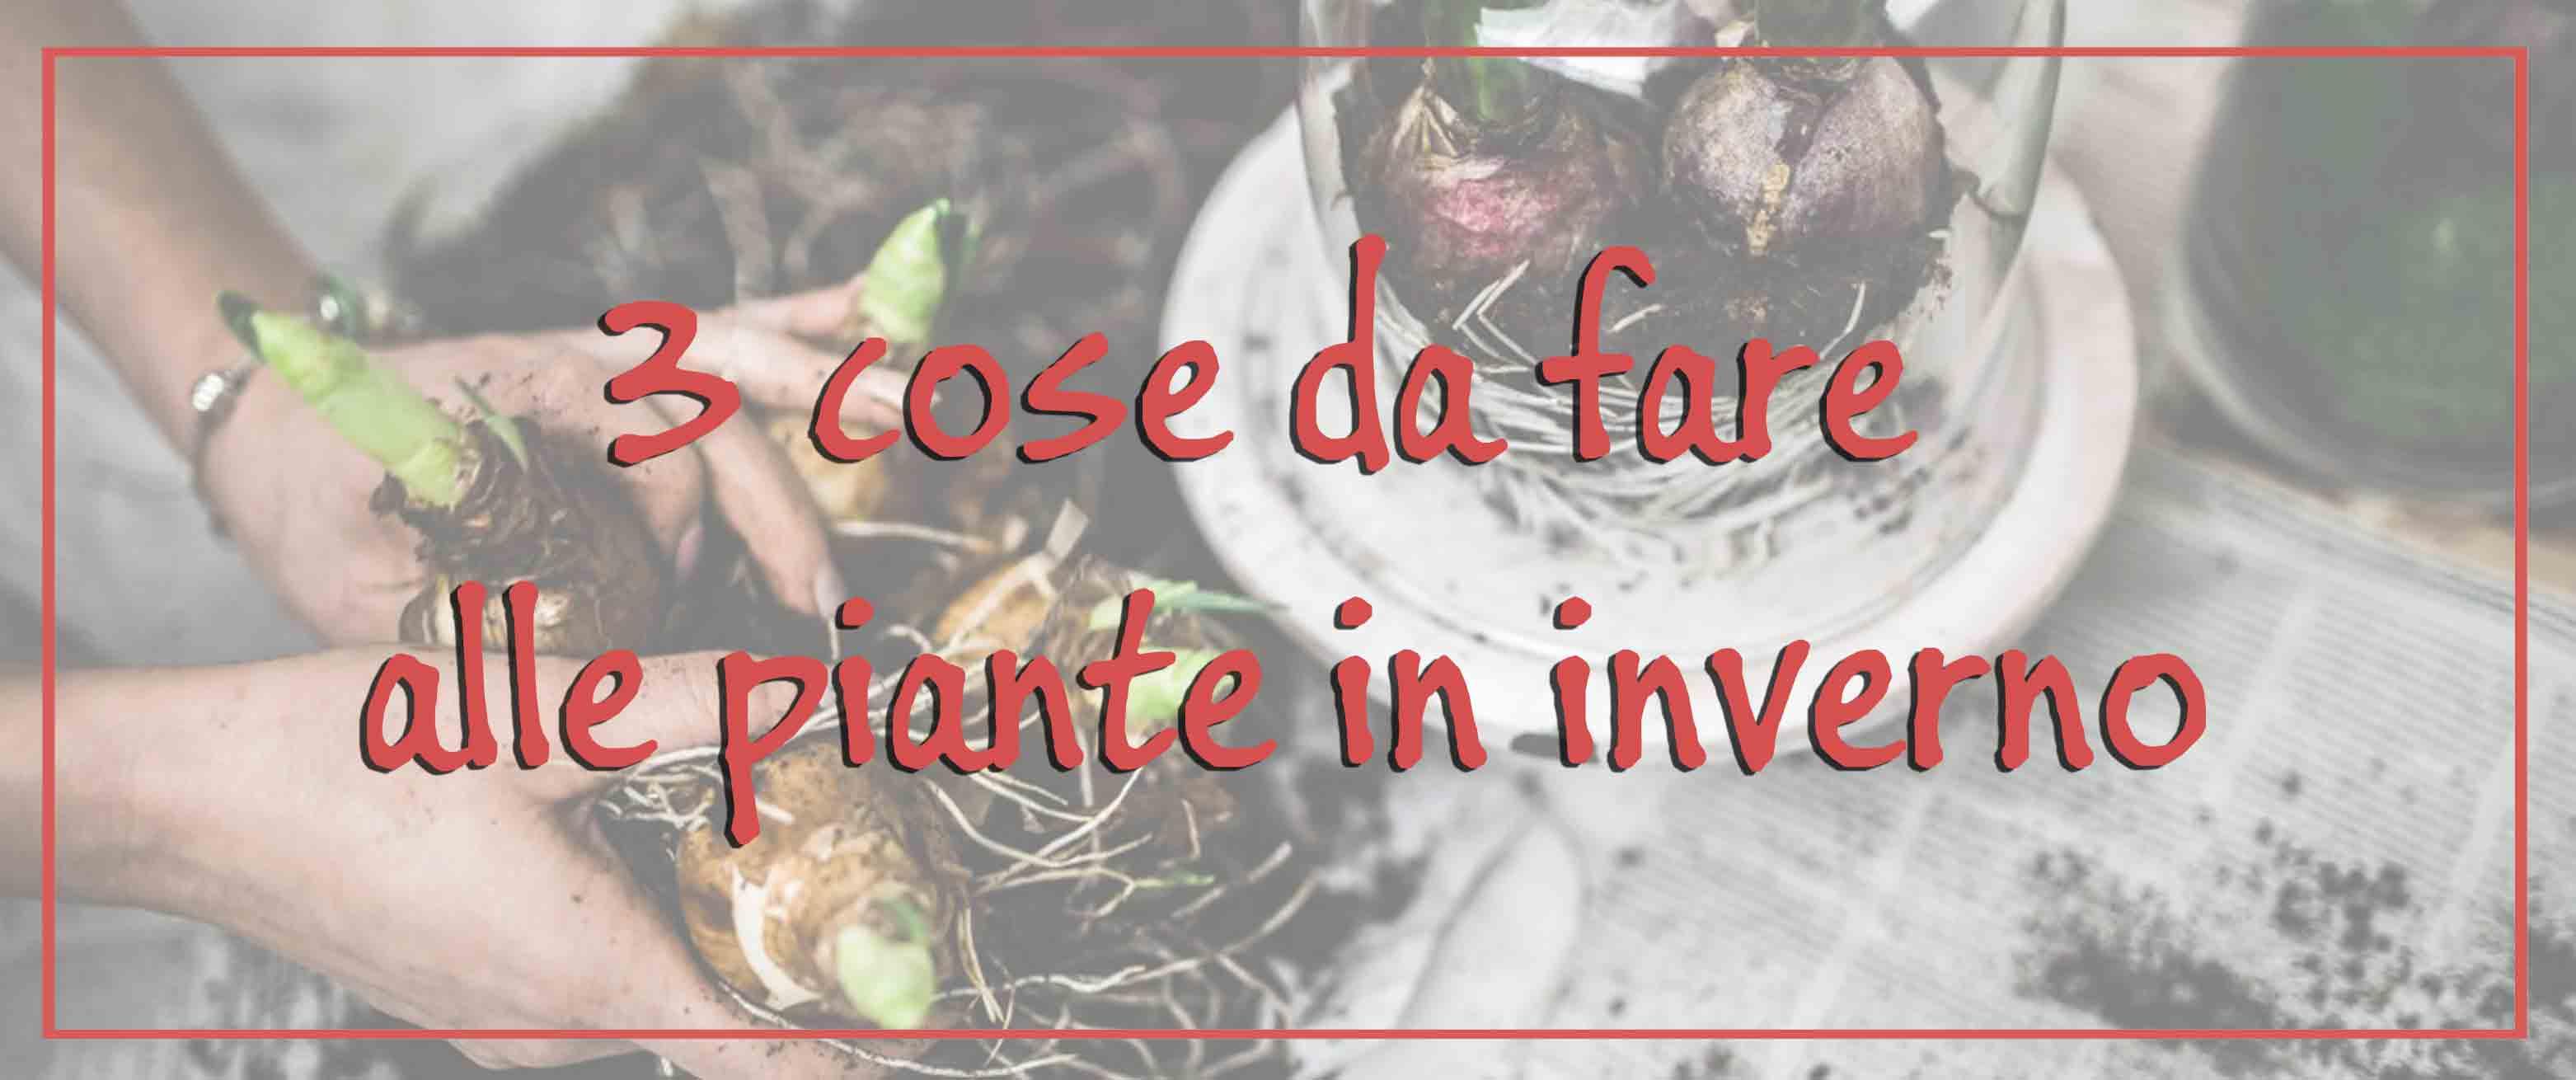 3 cose da fare alle piante in inverno